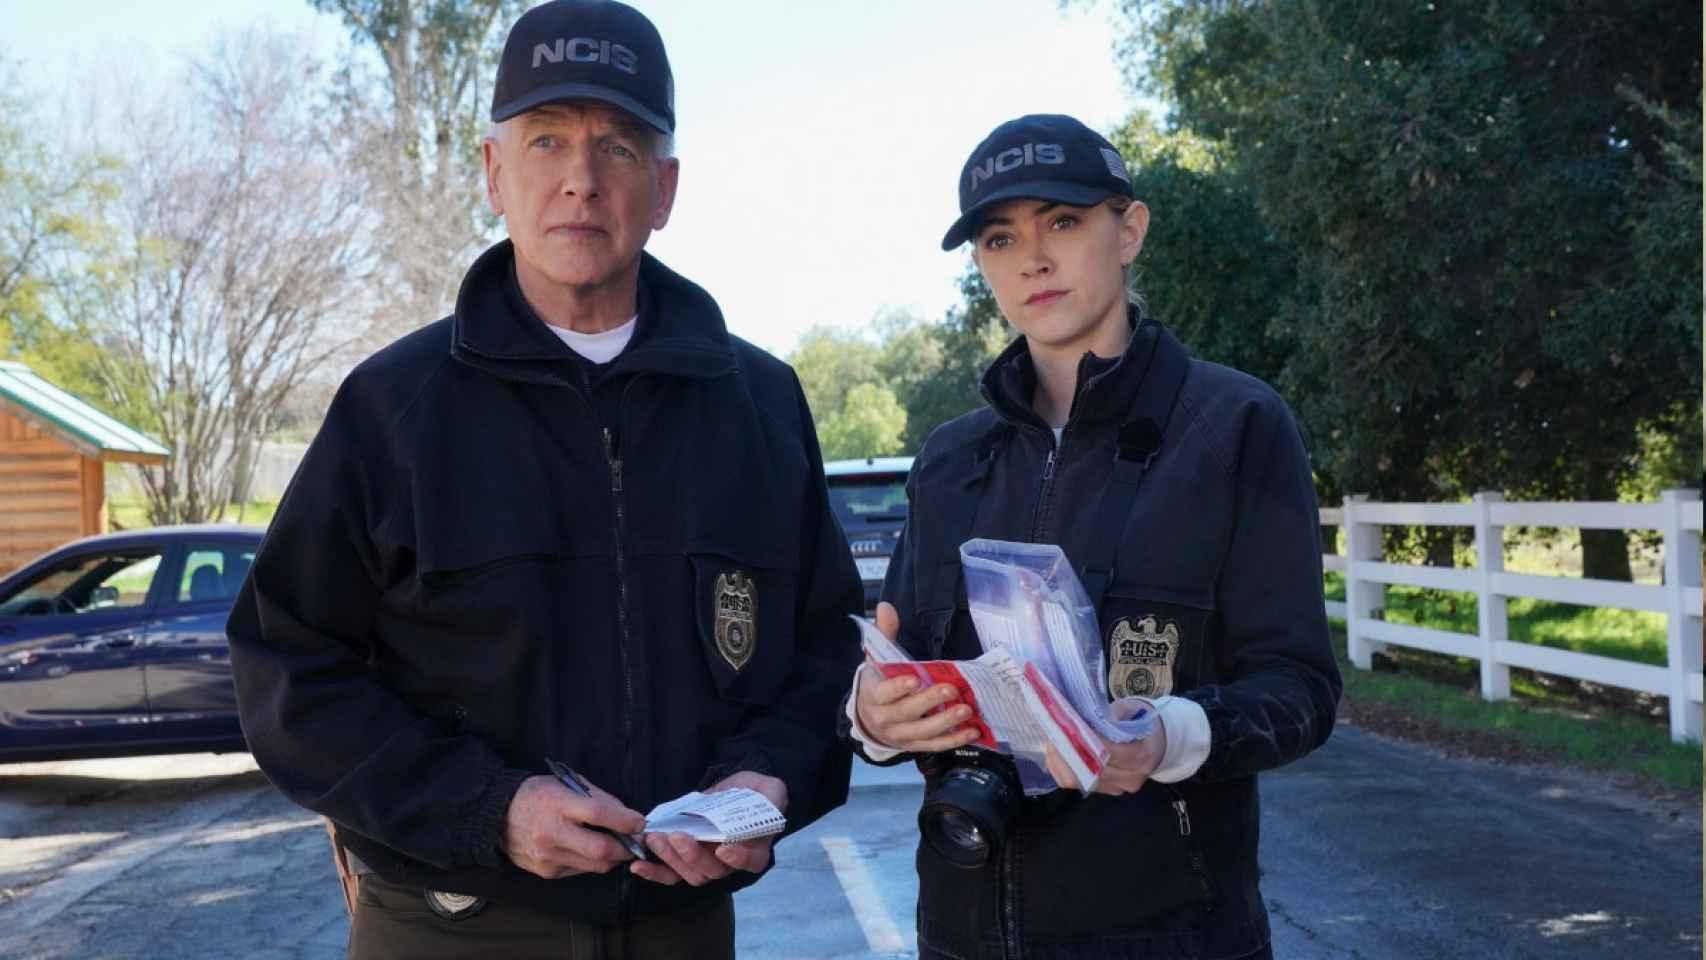 La actualidad seriéfila en imágenes: del parón de rodajes en Hollywood a la serie 'Hasta el cielo'